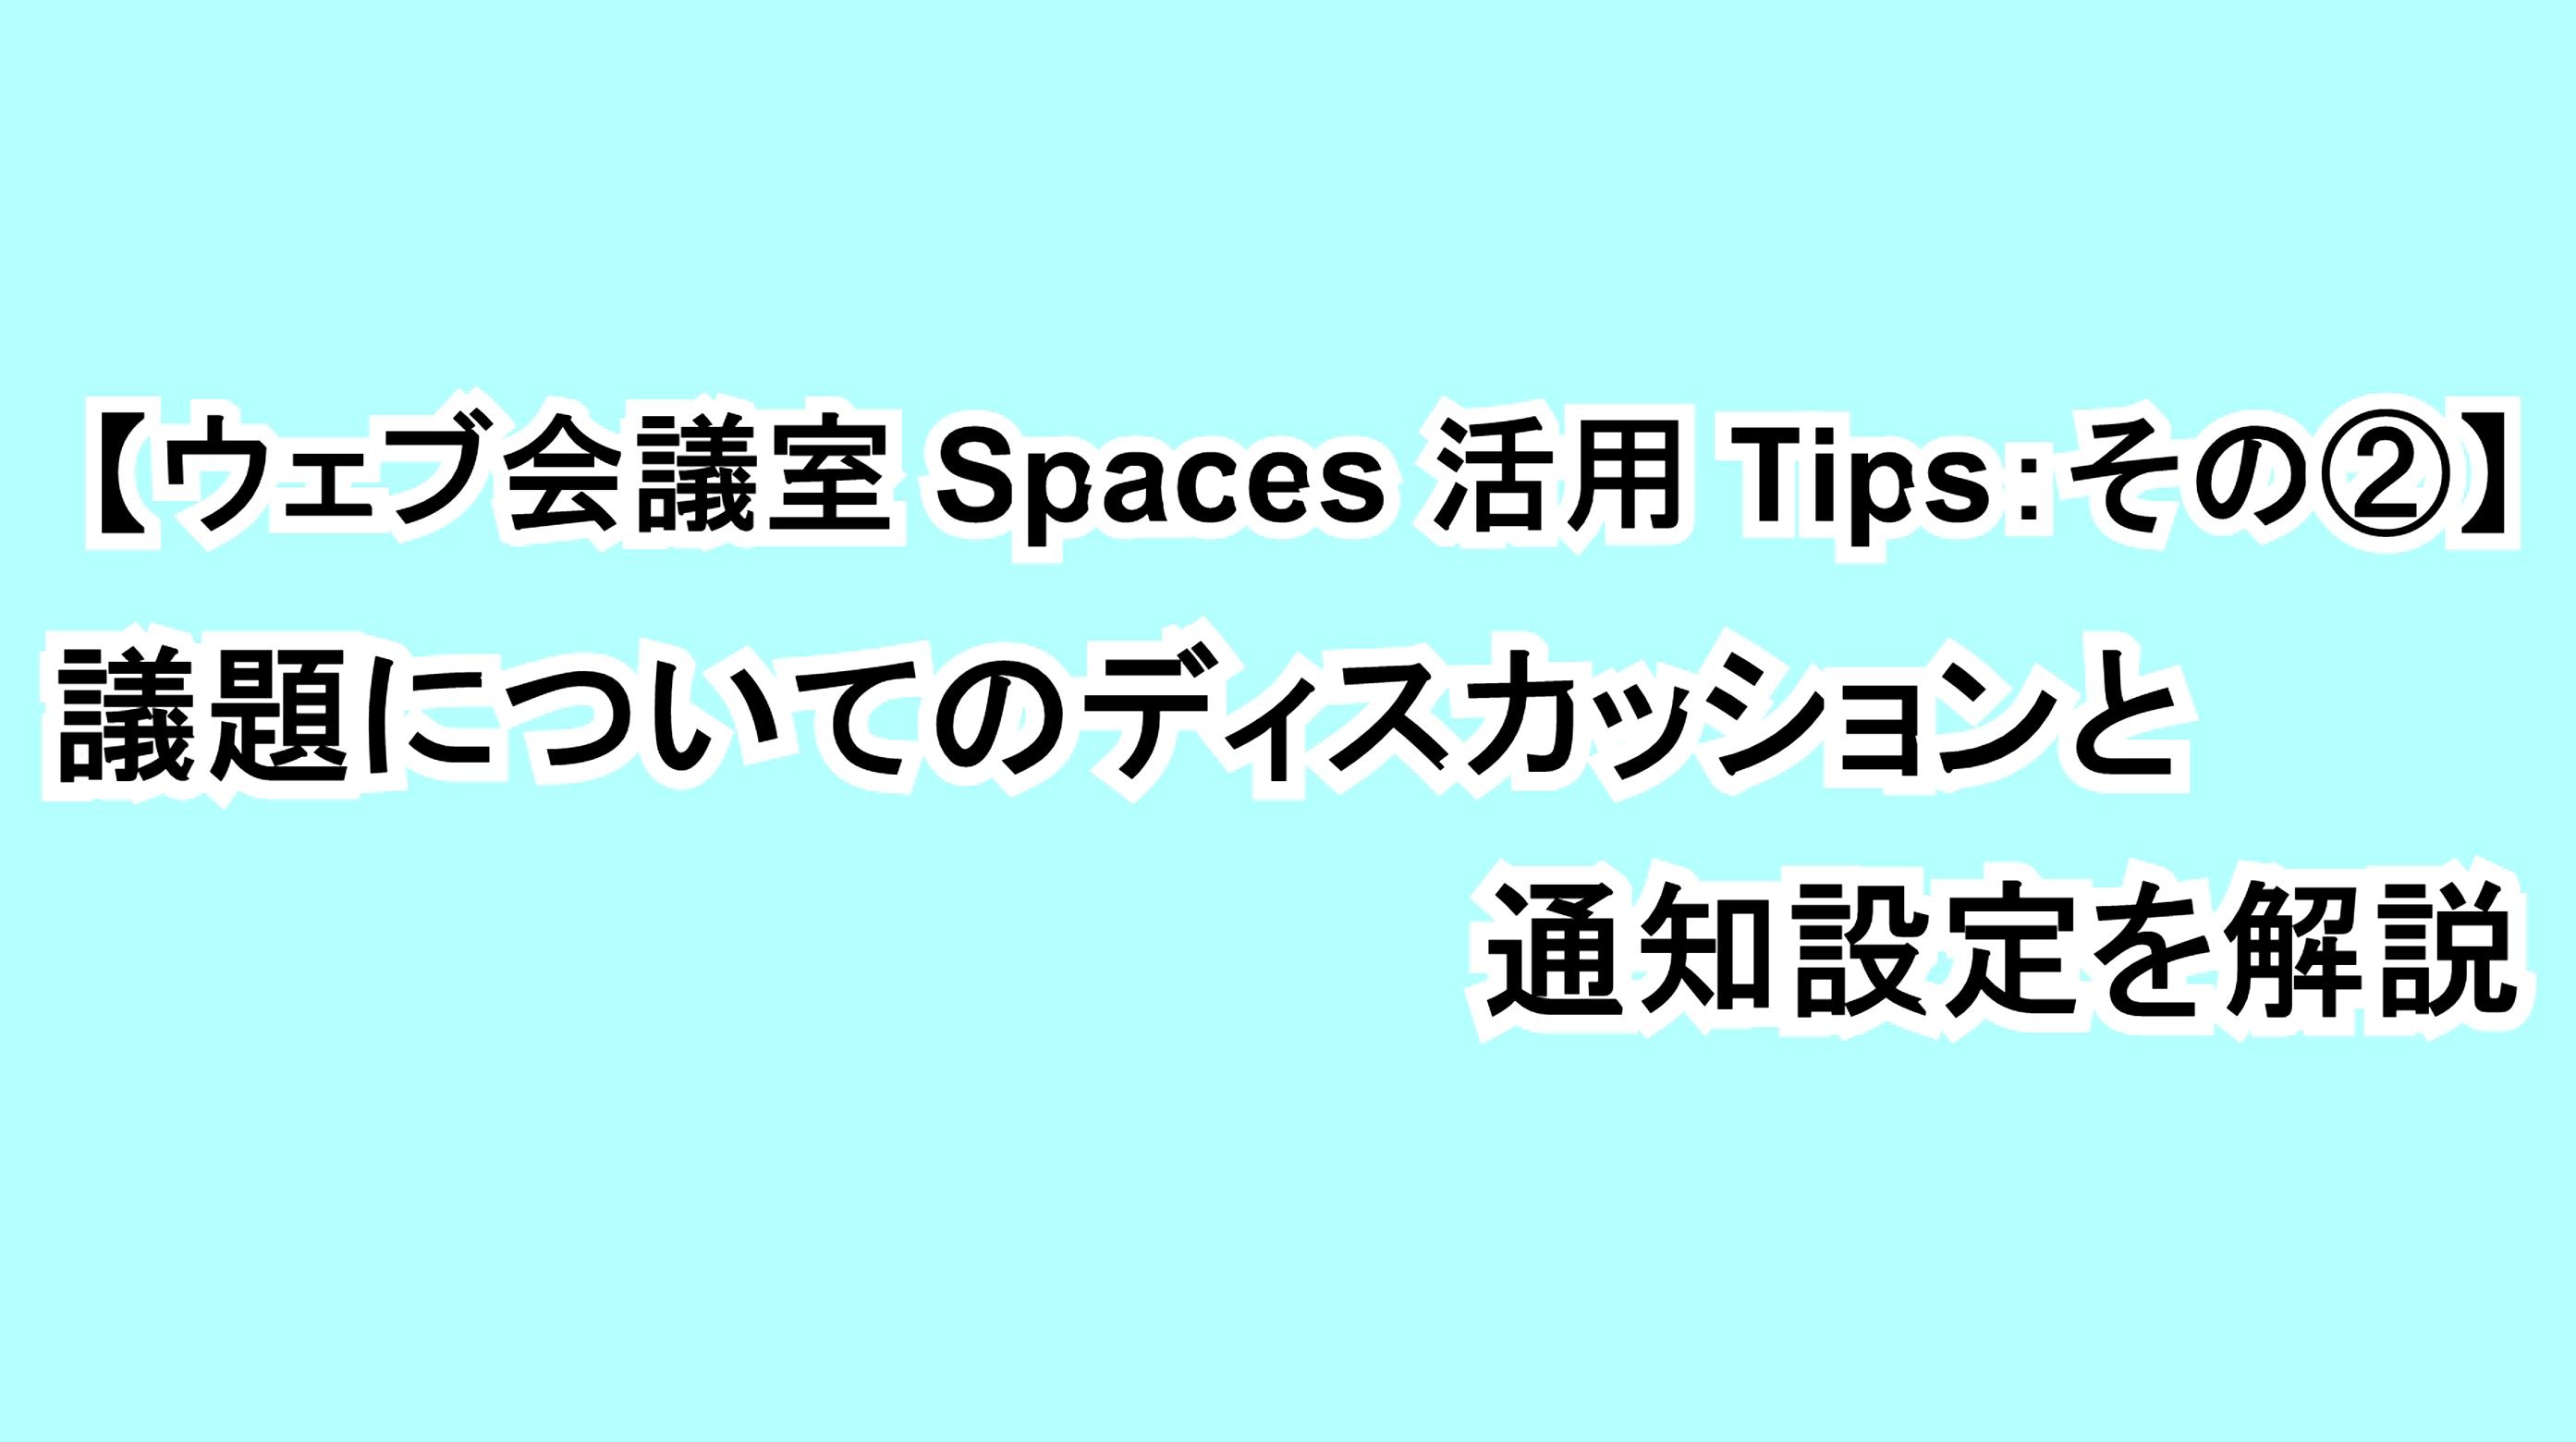 【ウェブ会議室Spaces活用Tips:その②】議題についてディスカッションと通知設定を解説